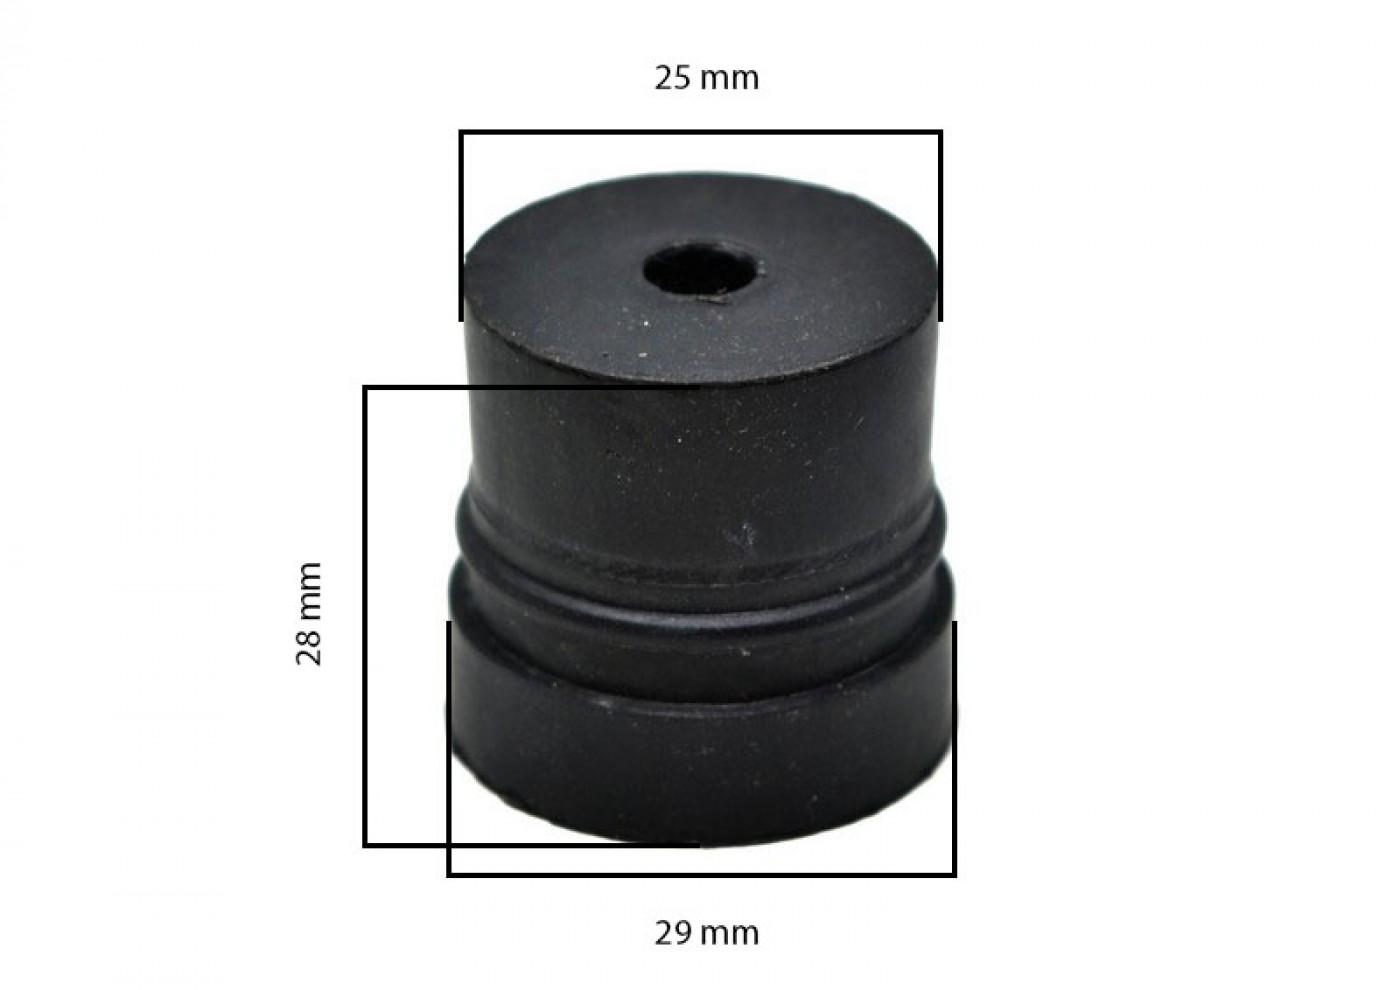 Silenblok 2 Stihl MS260 MS240 026 024 MS380 MS381 MS880 TS400 - 1121 790 9912